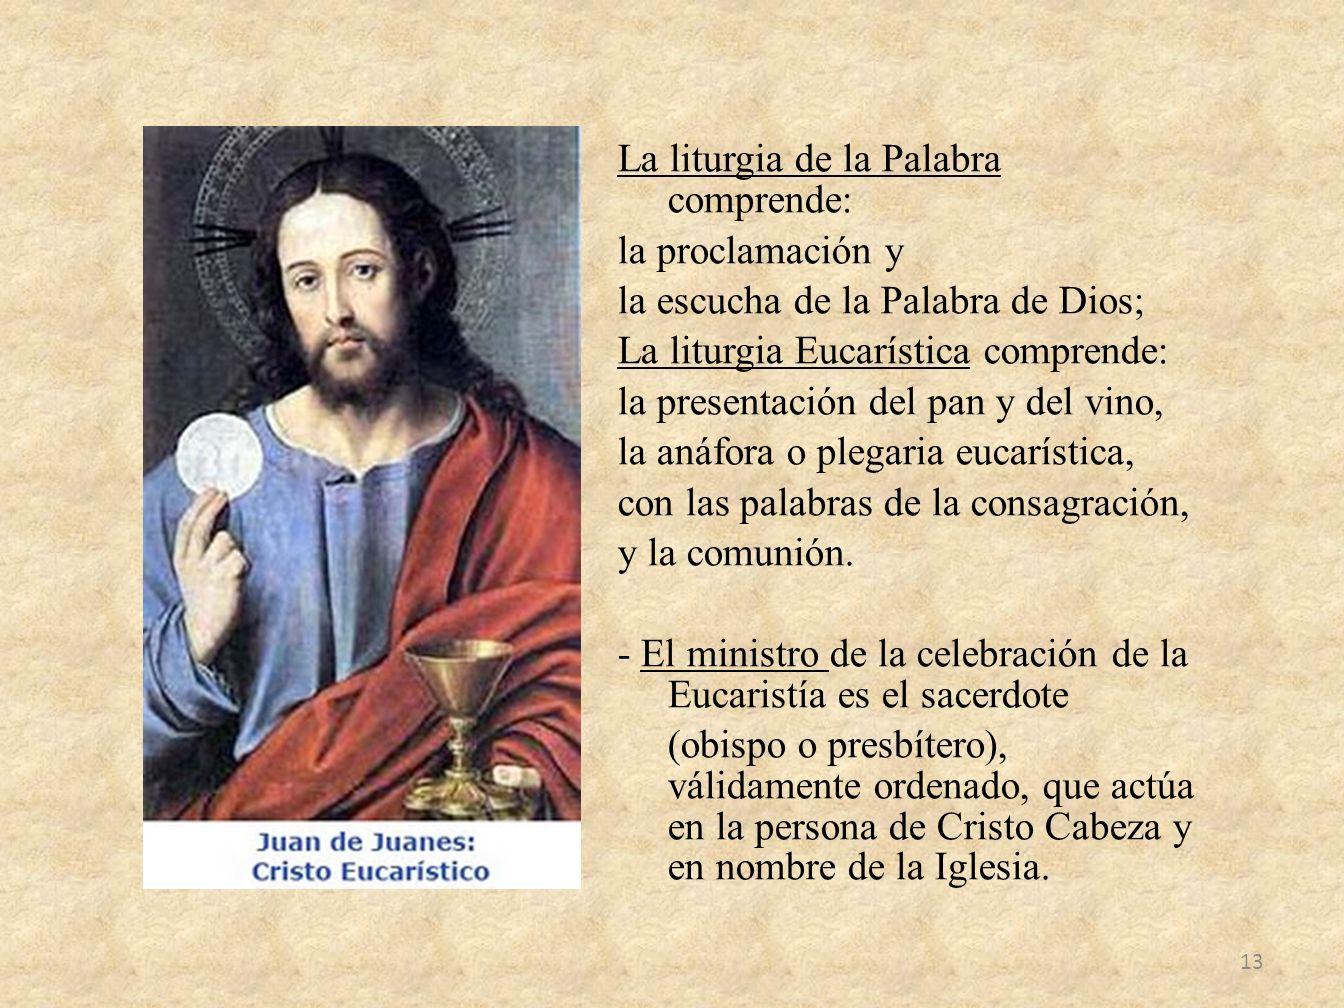 La liturgia de la Palabra comprende: la proclamación y la escucha de la Palabra de Dios; La liturgia Eucarística comprende: la presentación del pan y